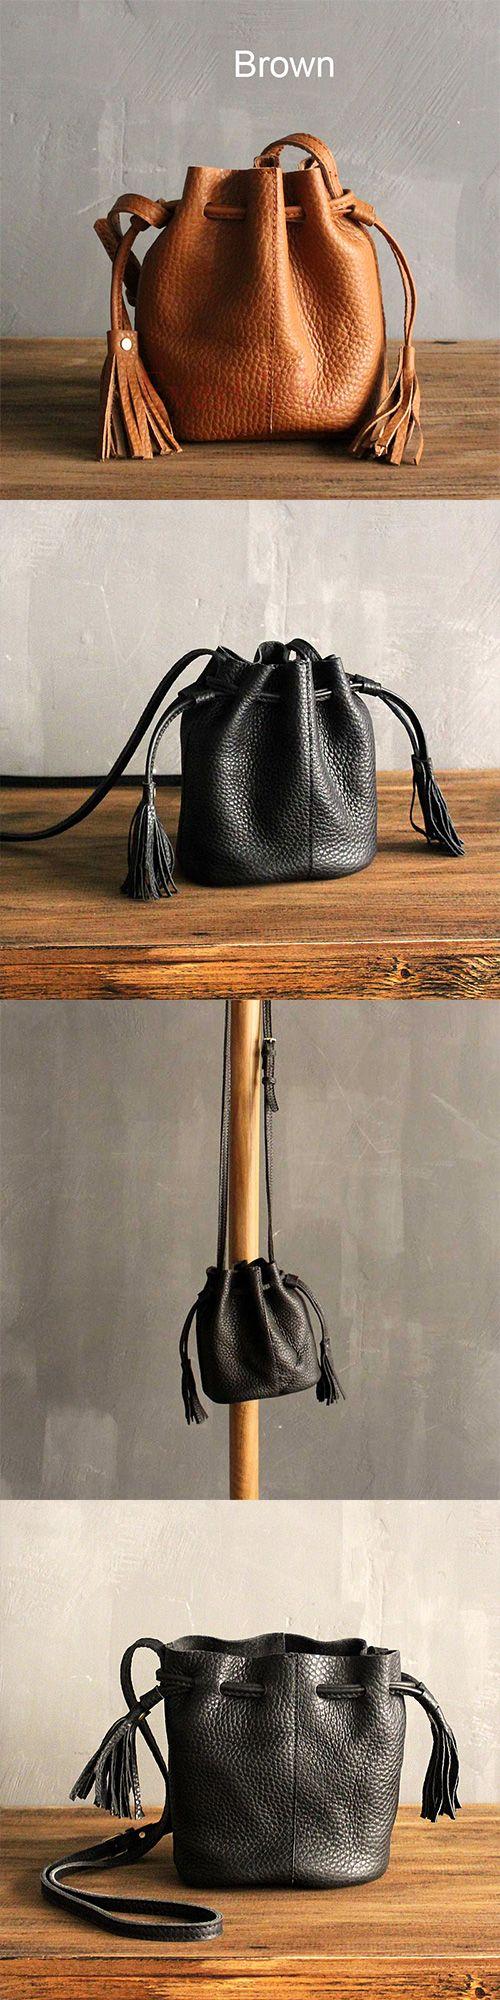 Handmade leather vintage women bucket bag shoulder bag crossbody bag